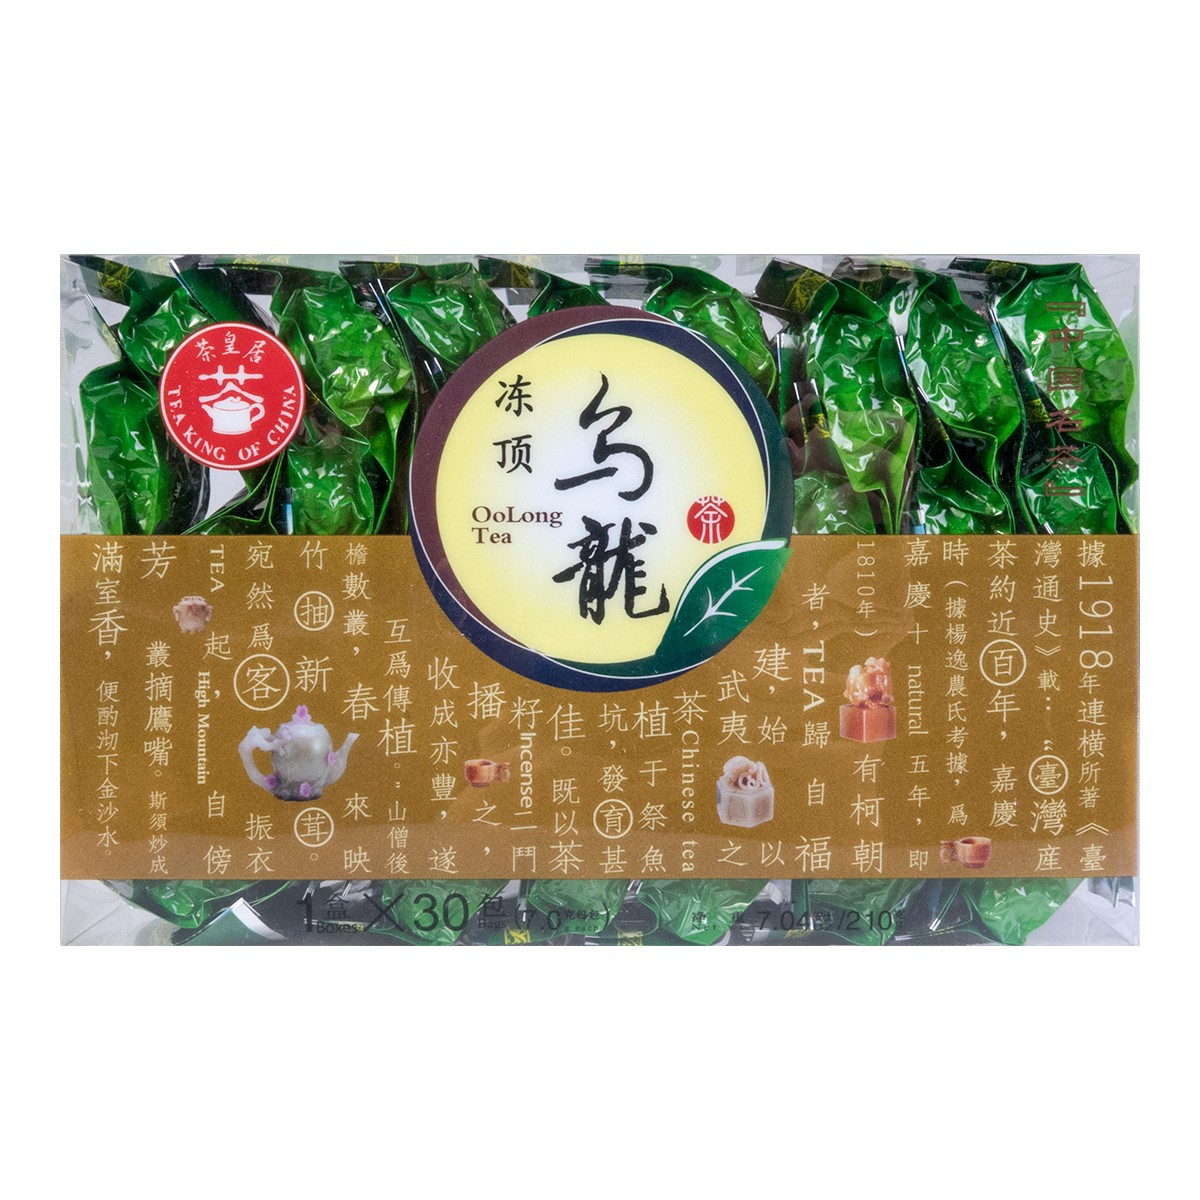 茶皇居 冻顶乌龙茶 盒装 30包入 210g 怎么样 - 亚米网